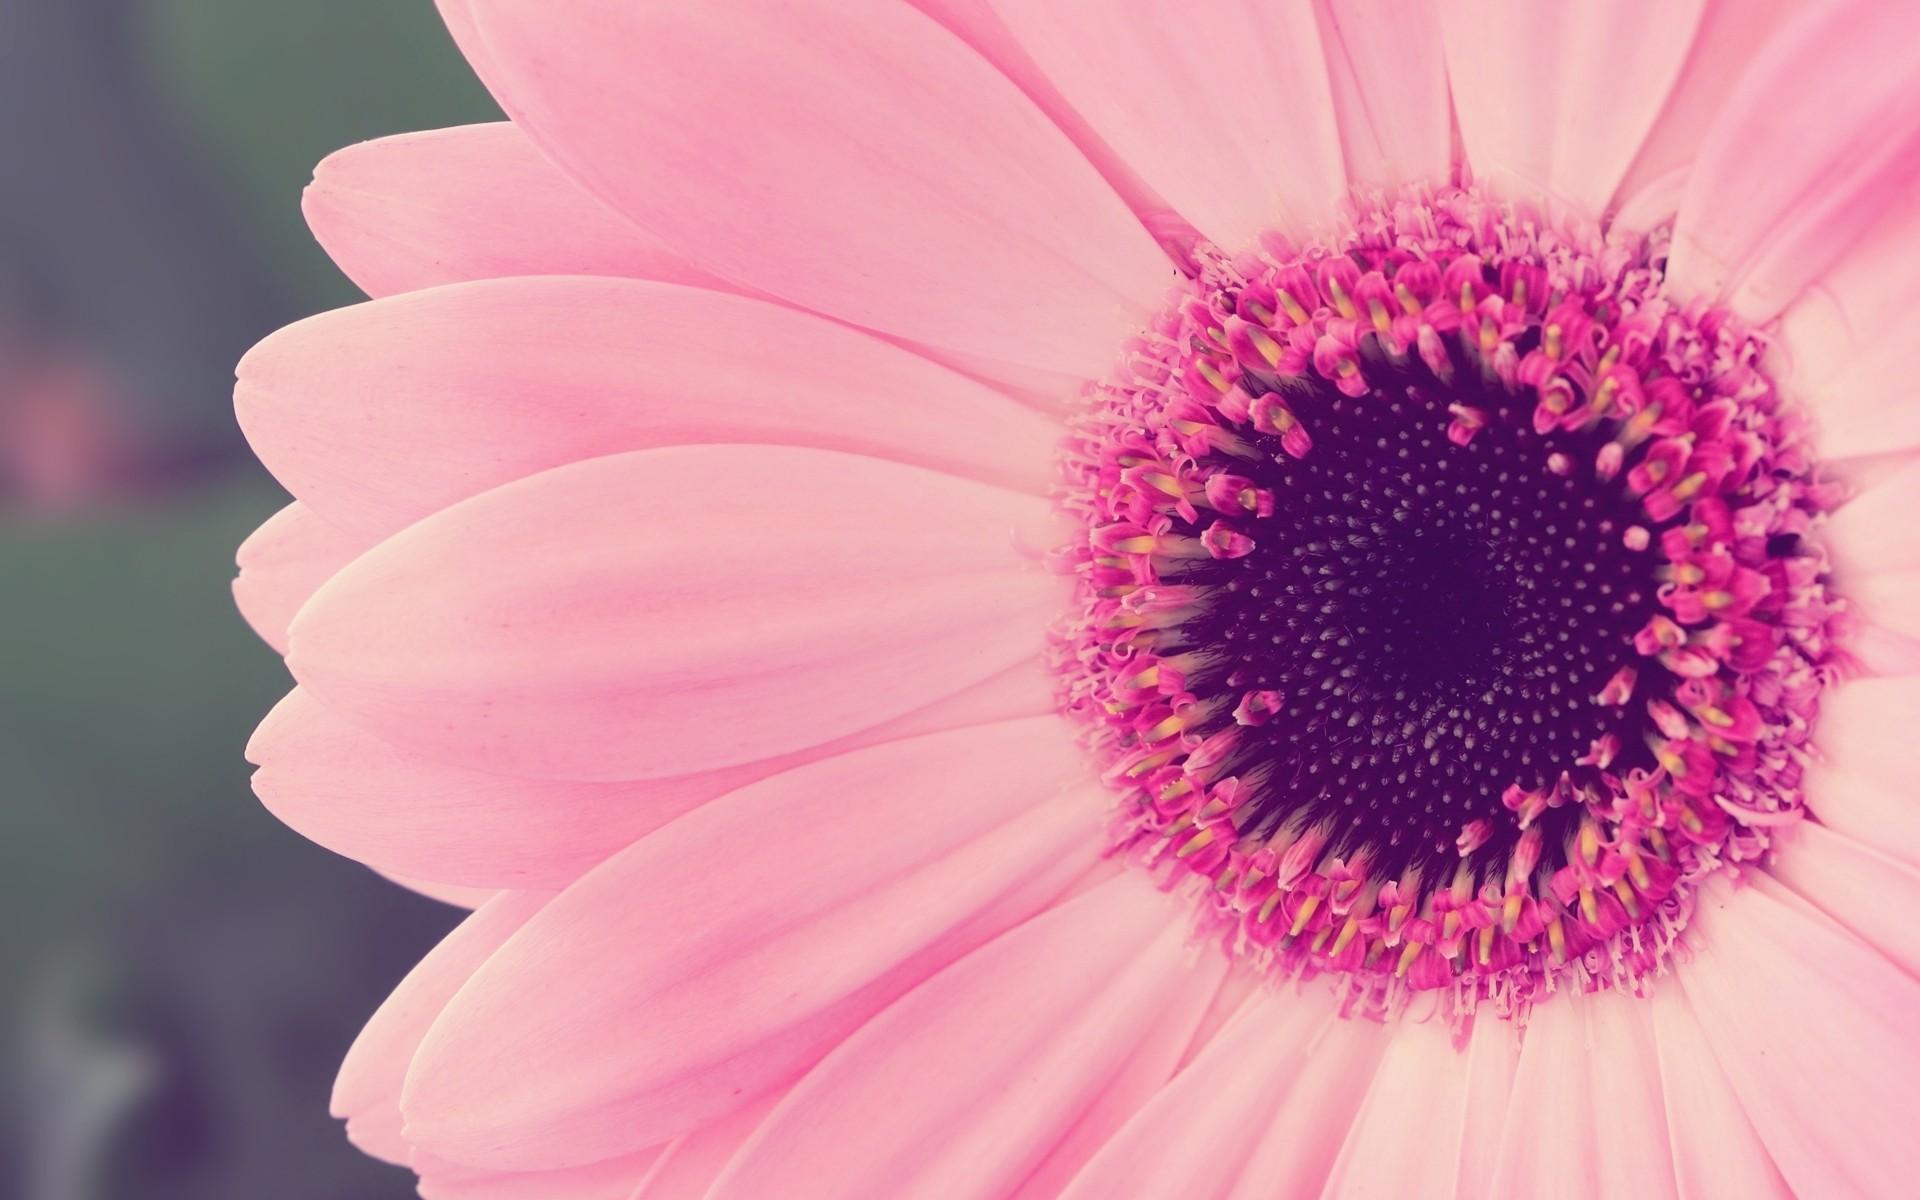 Pretty flower background pretty flower background mightylinksfo